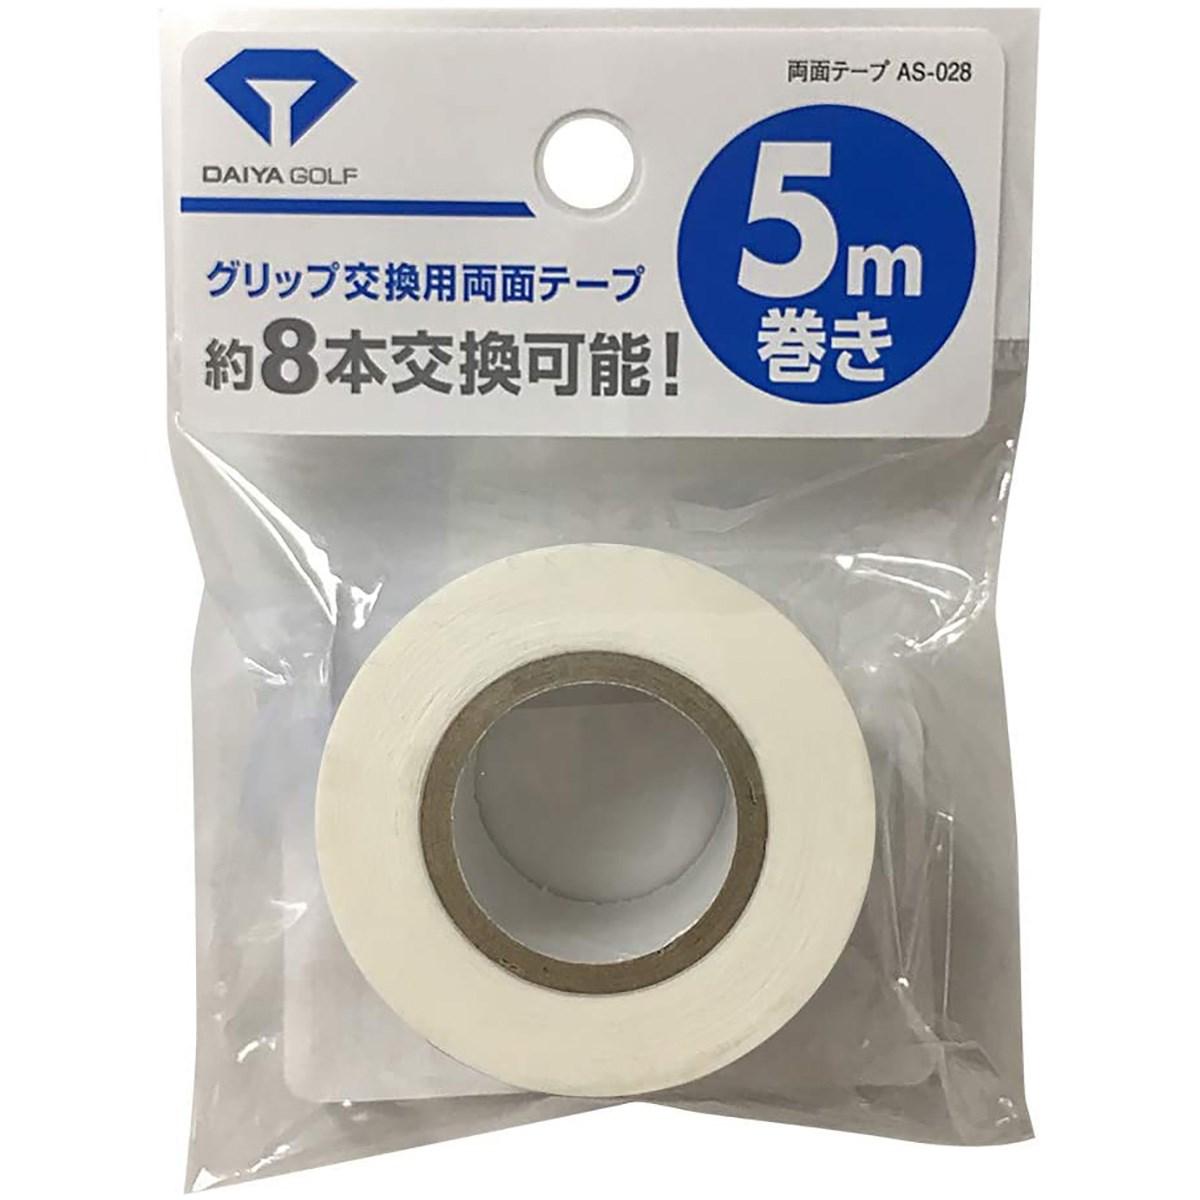 ダイヤゴルフ 両面テープ(5m) AS-028